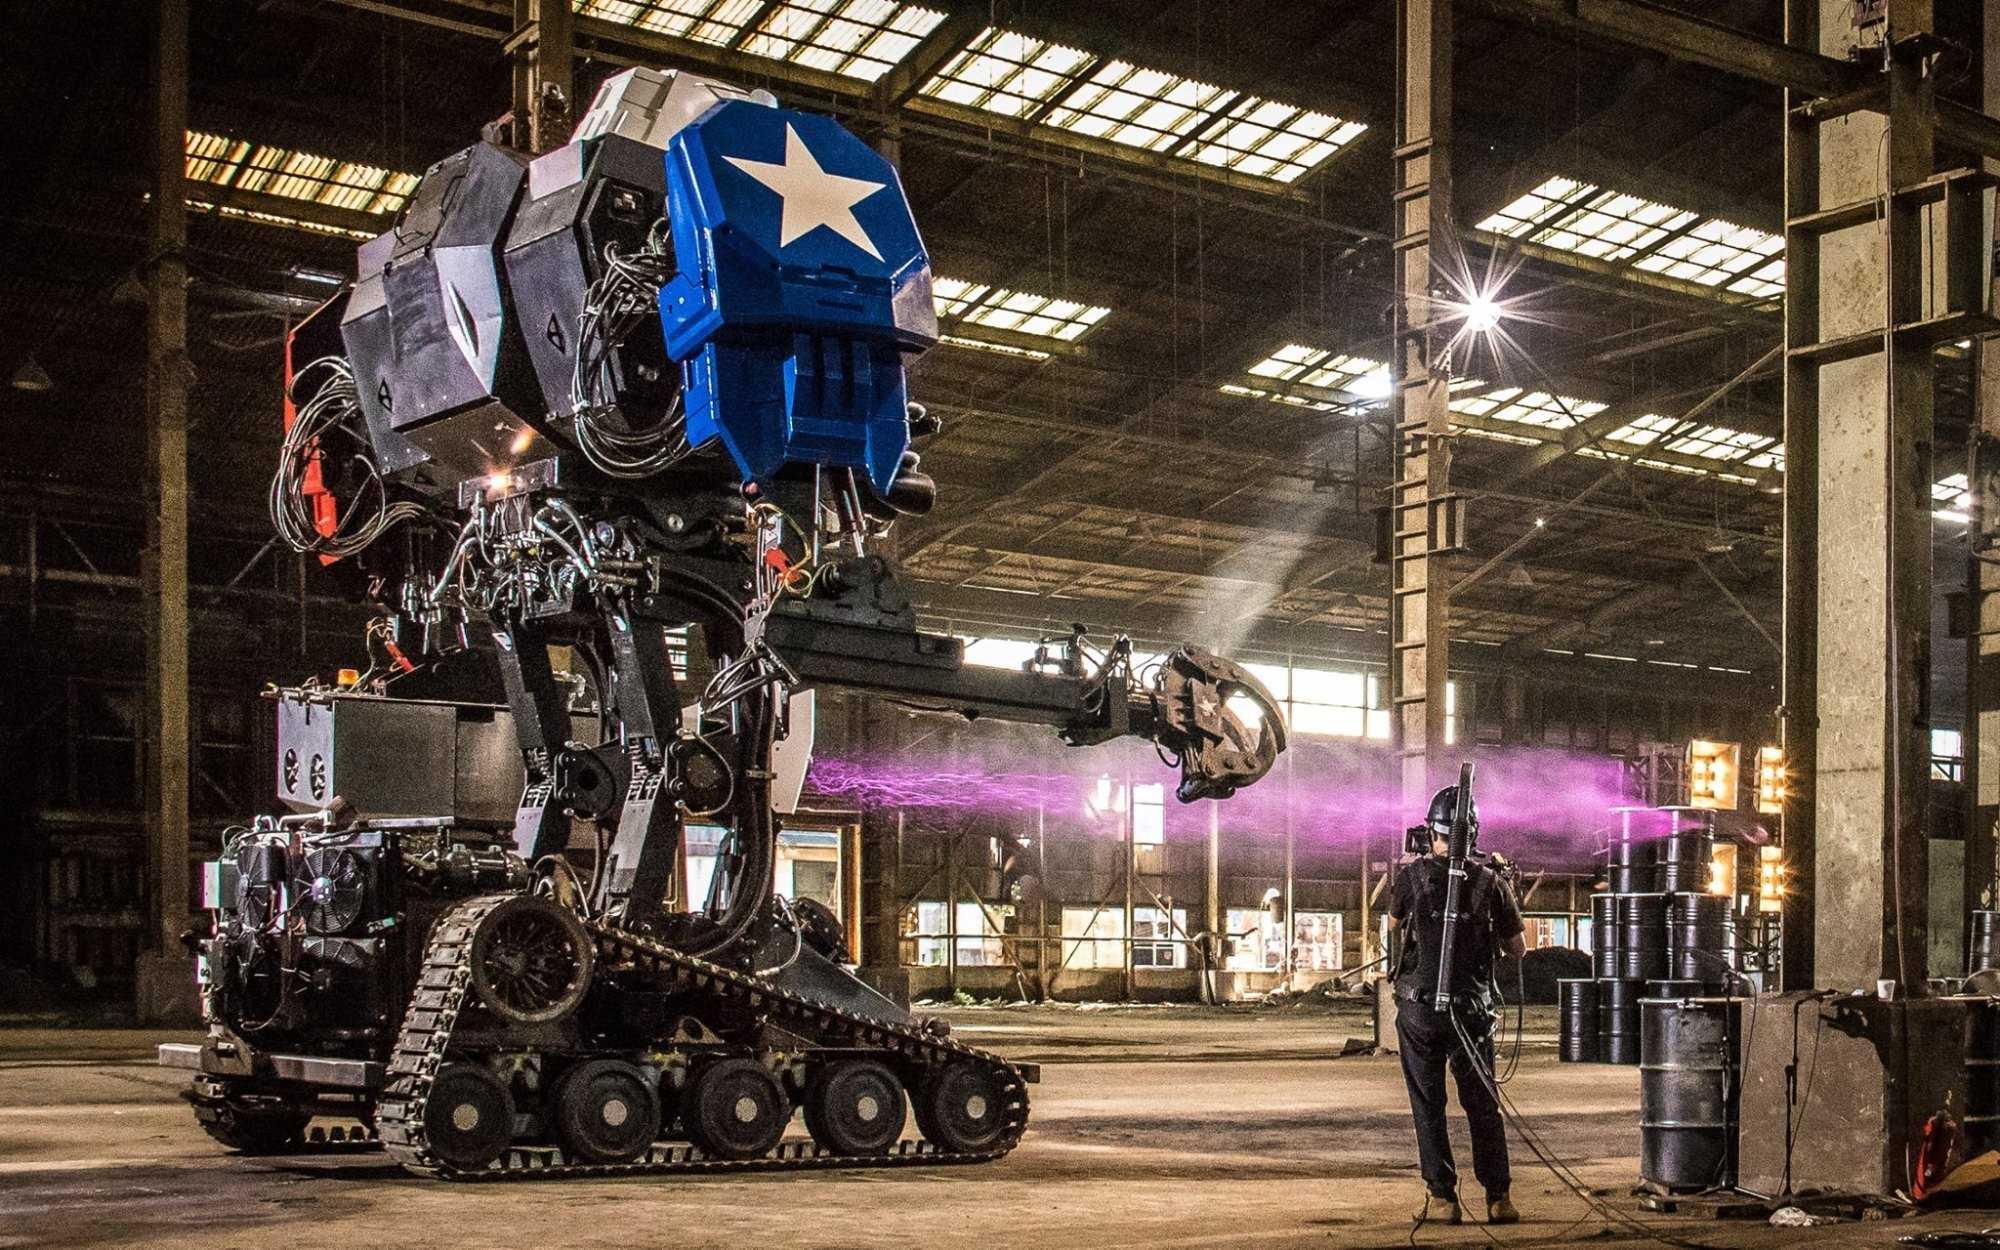 Ein großer Roboter in einer Lagerhalle